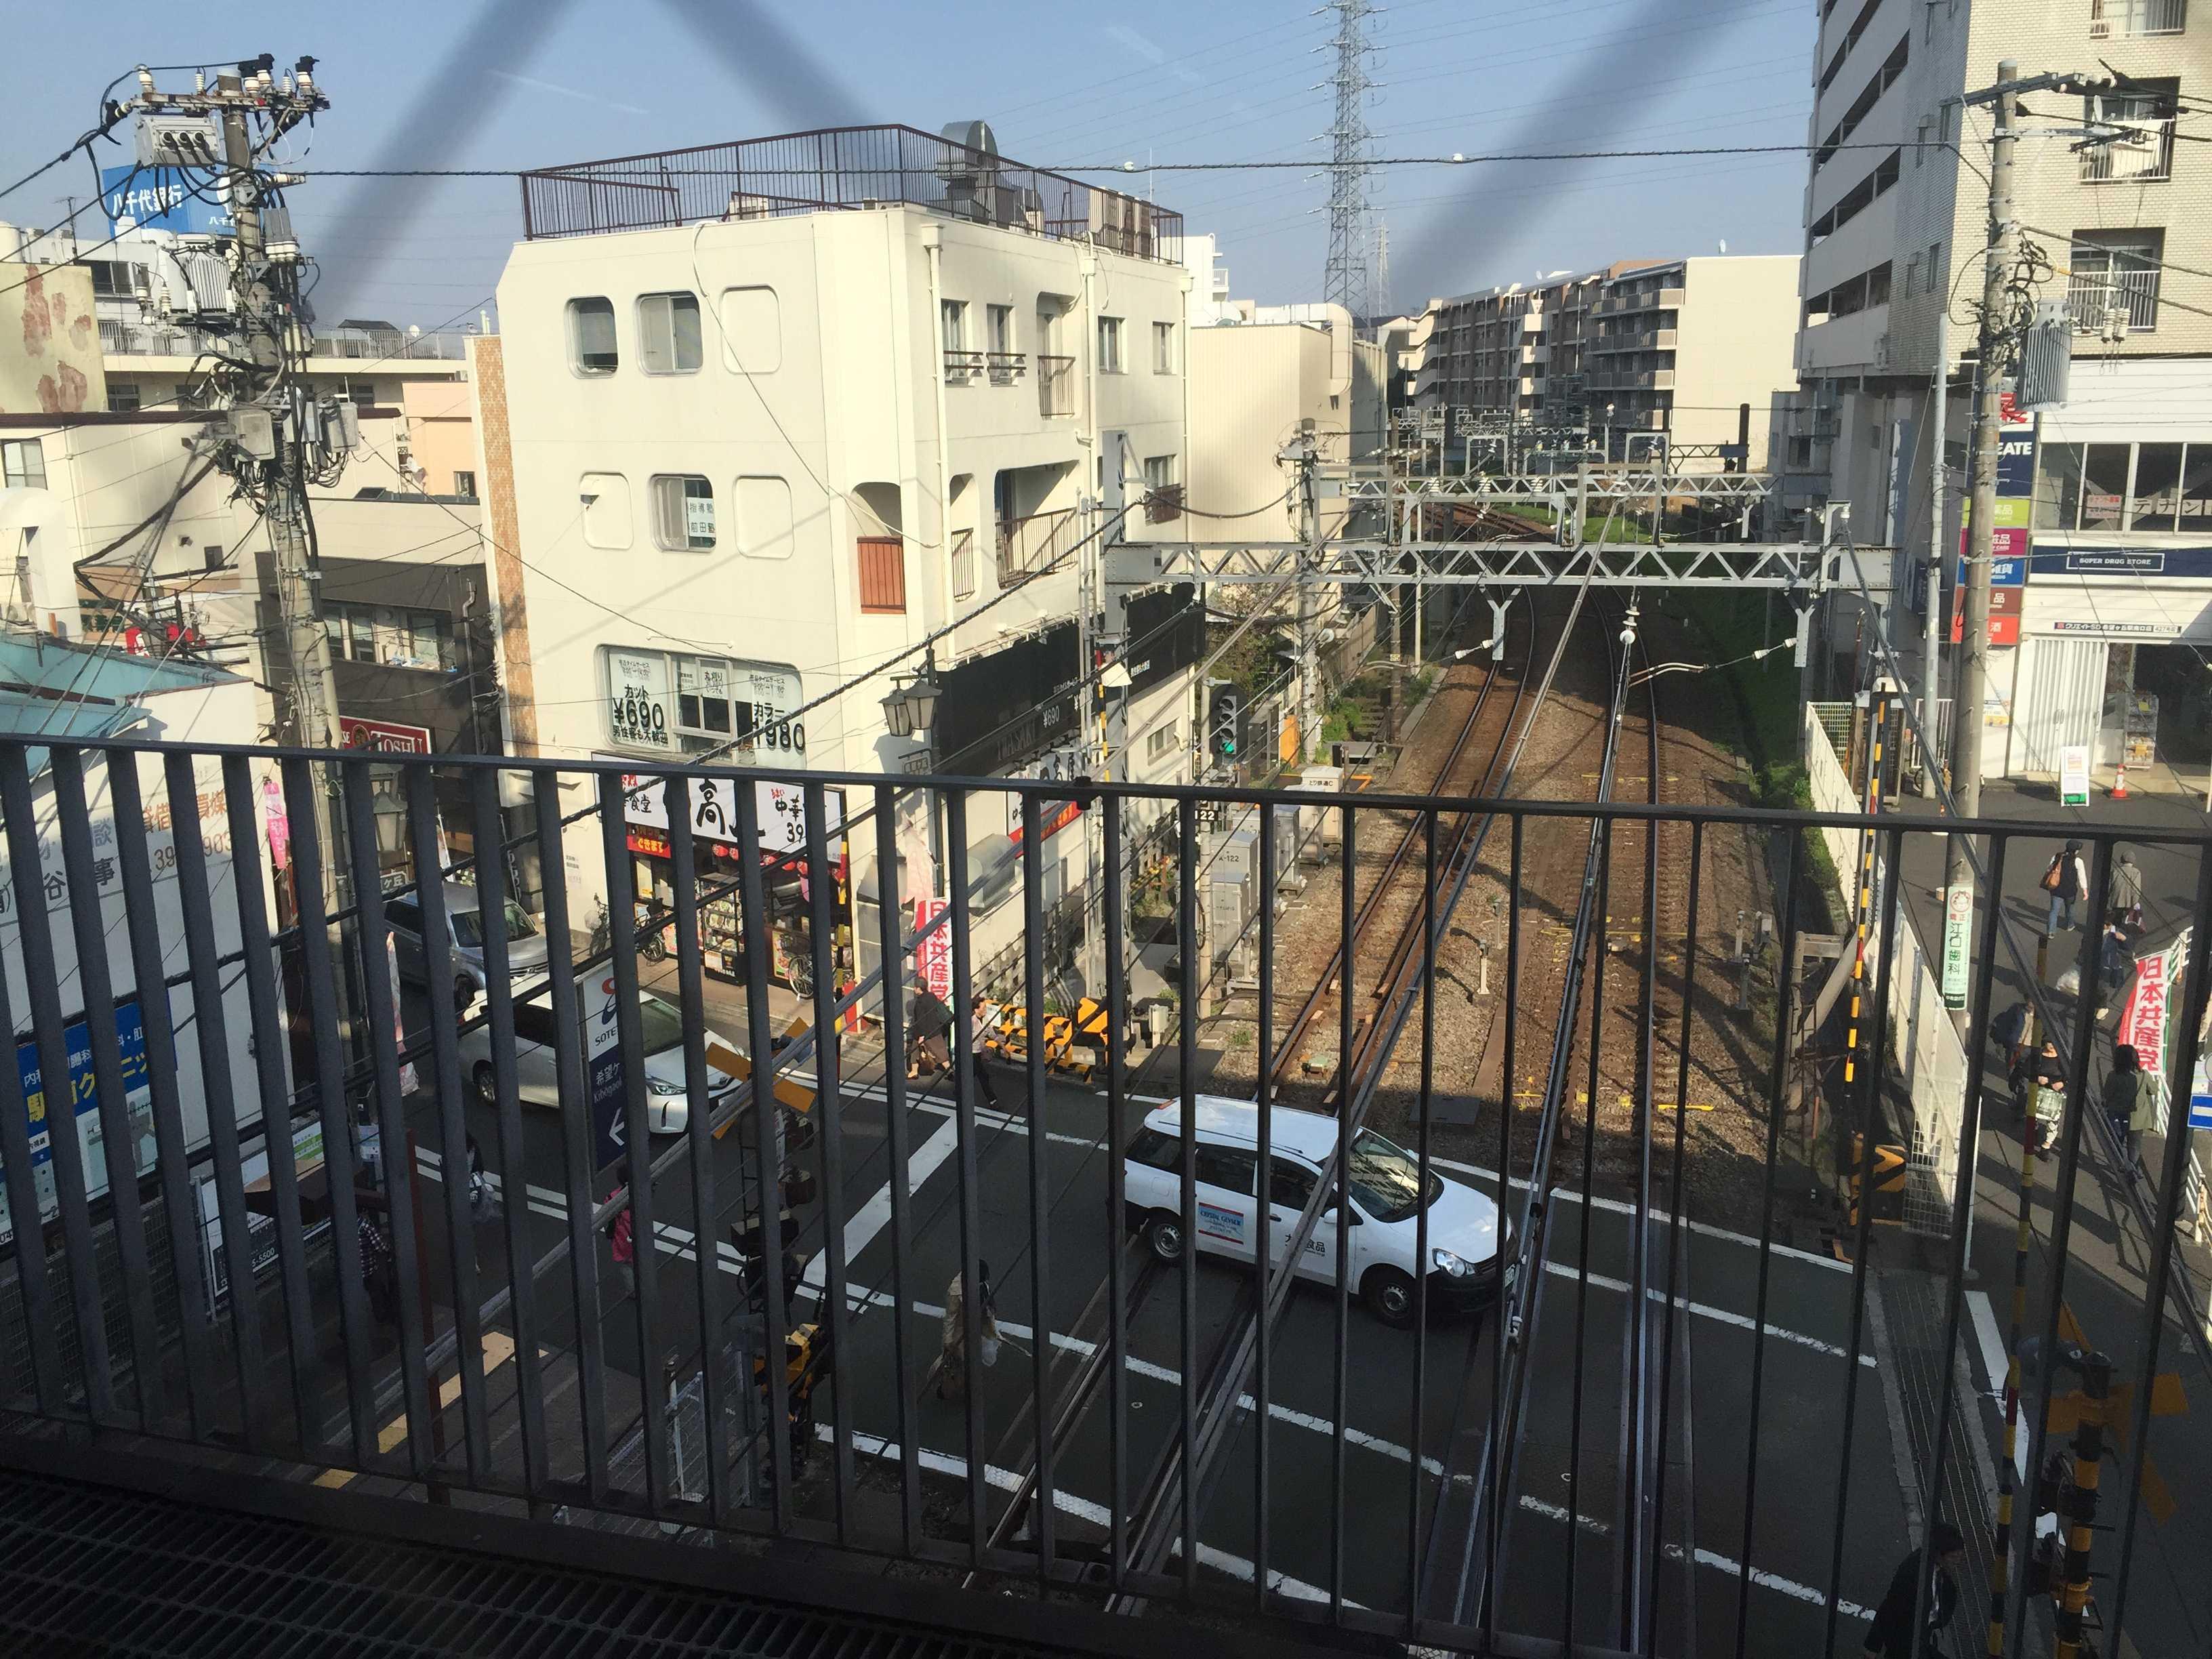 駅構内から見た希望ヶ丘駅前の様子